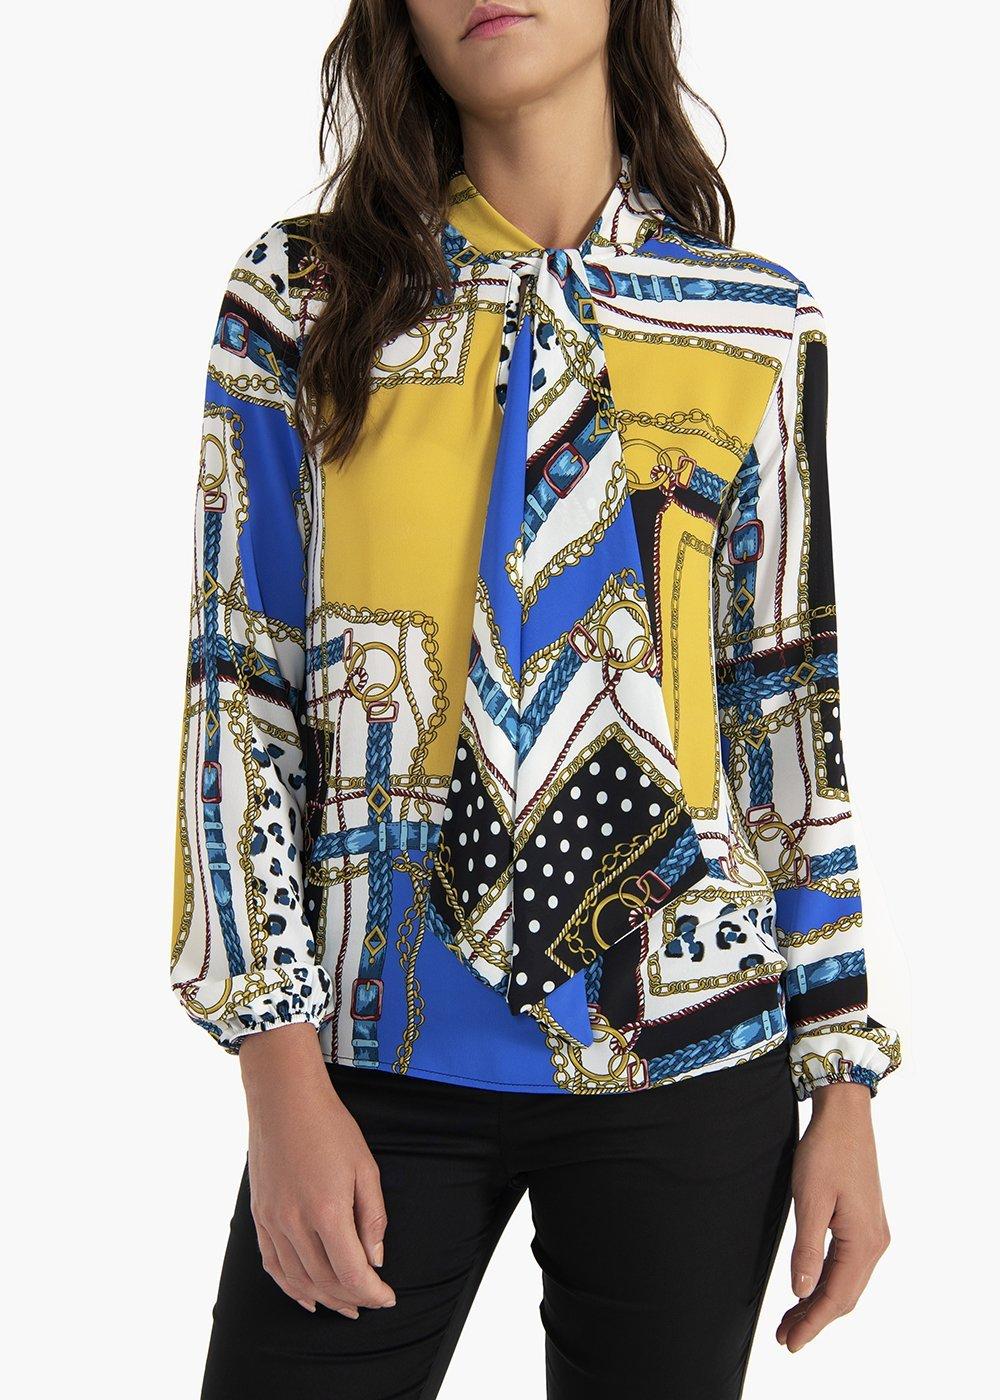 Sandie georgette blouse with scarf neckline - Medium Blue\ White\ Fantasia - Woman